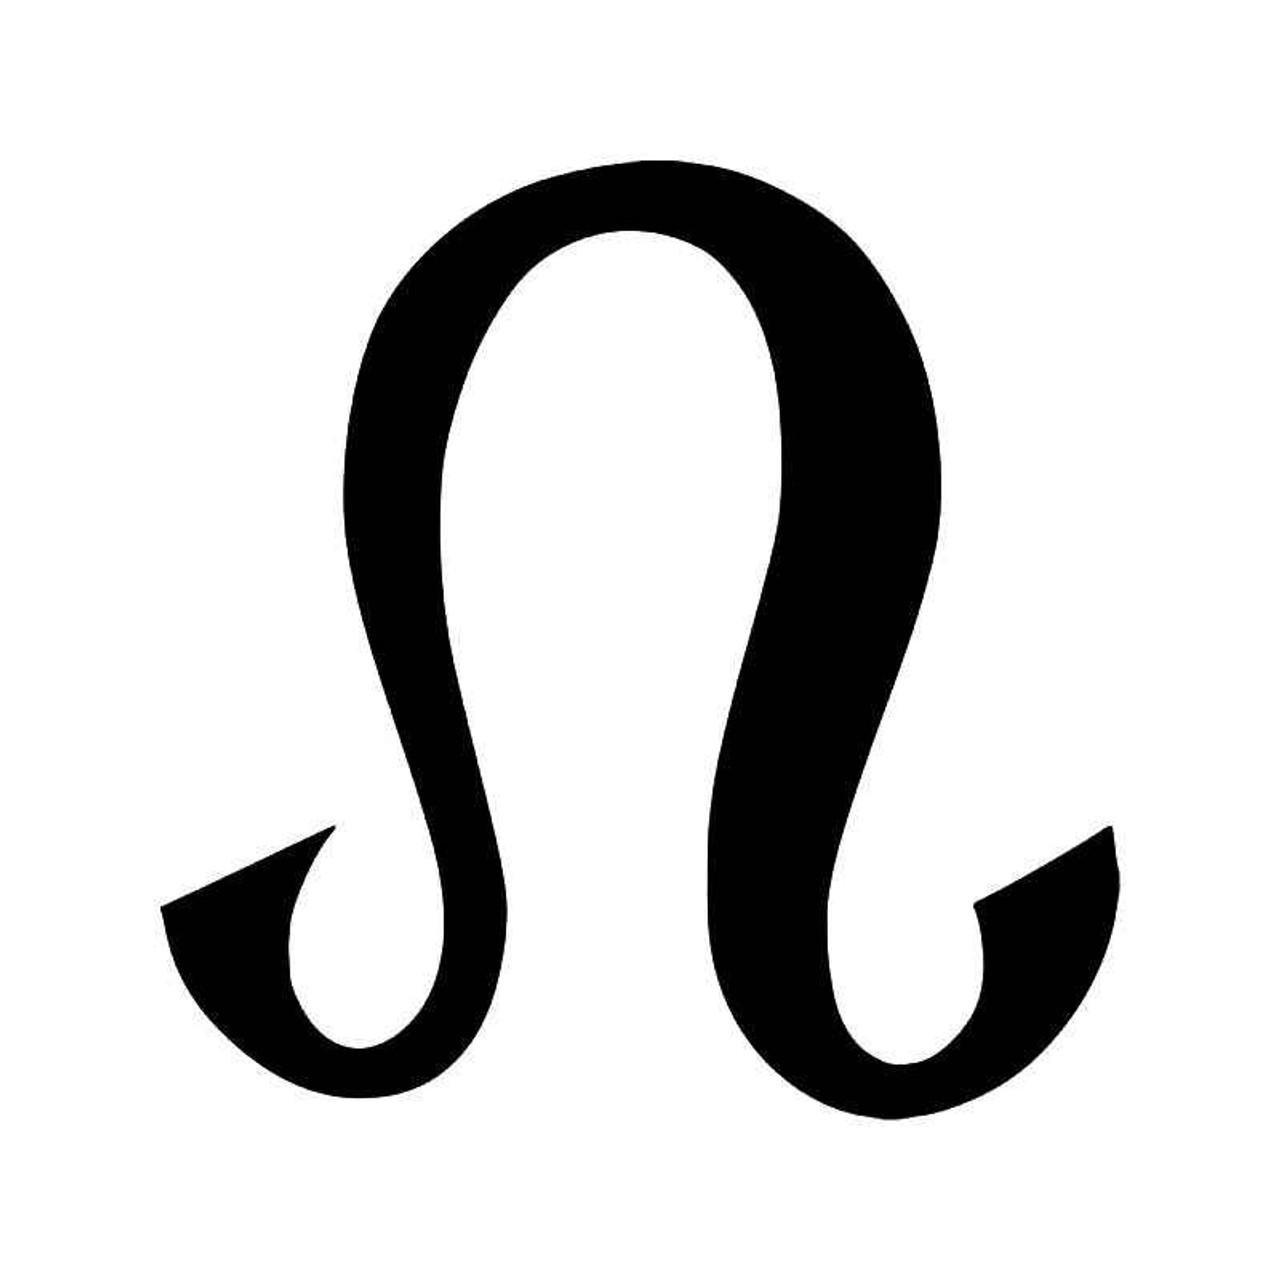 Horoscope Leo Symbol Vinyl Sticker